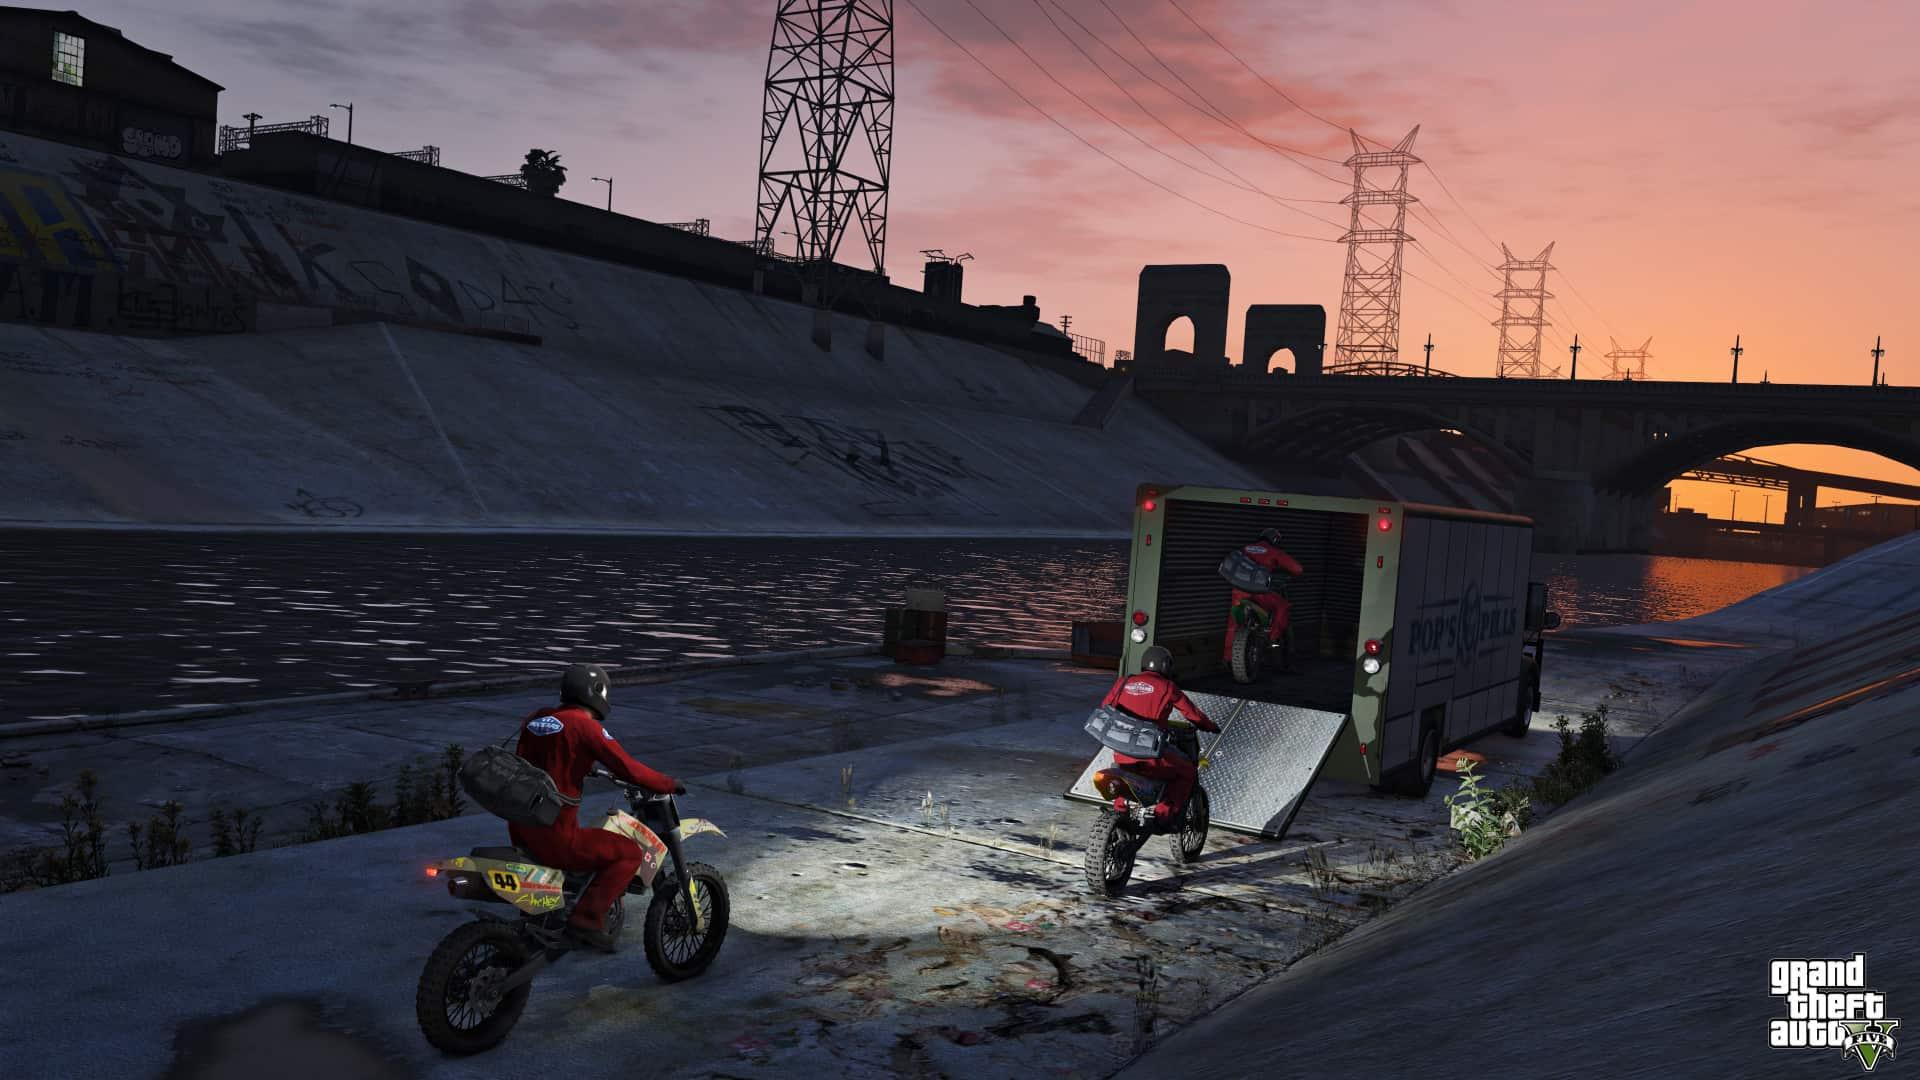 Pokořte hranice z Rockstaru. 10 věcí, o kterých musíte v GTA V vědět